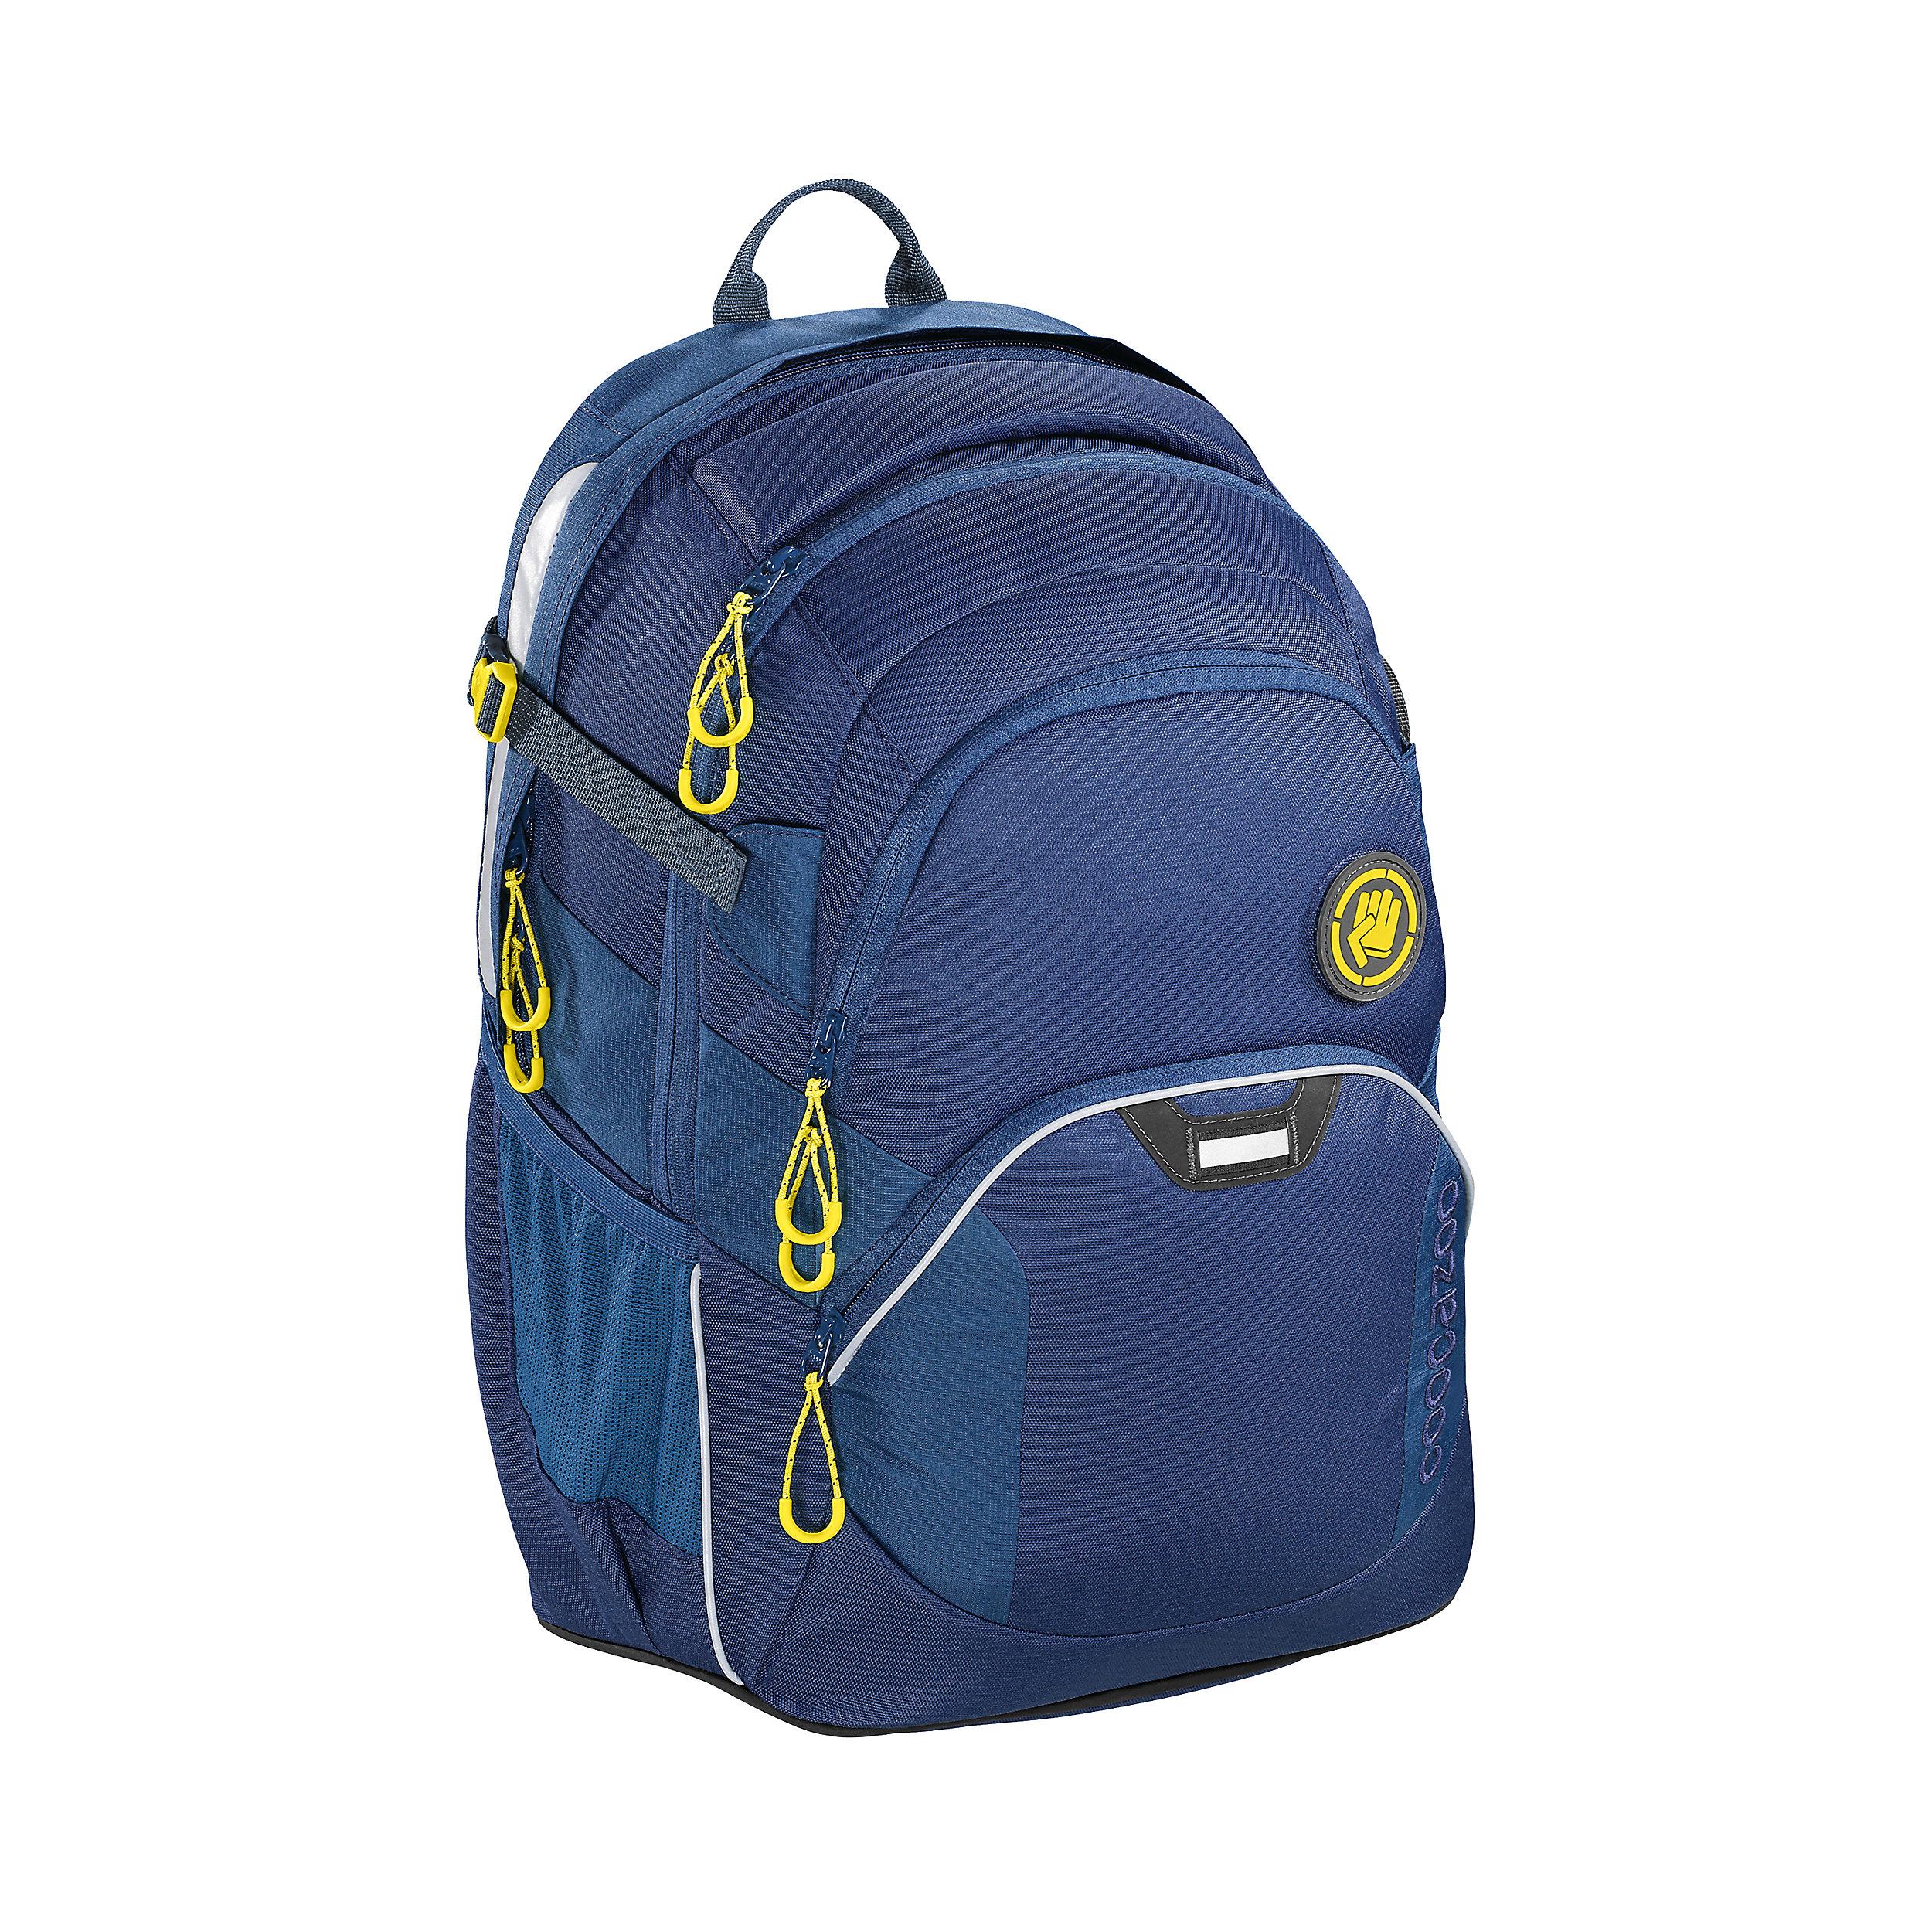 School Backpack JobJobber 2 Match Patch 30 Liter